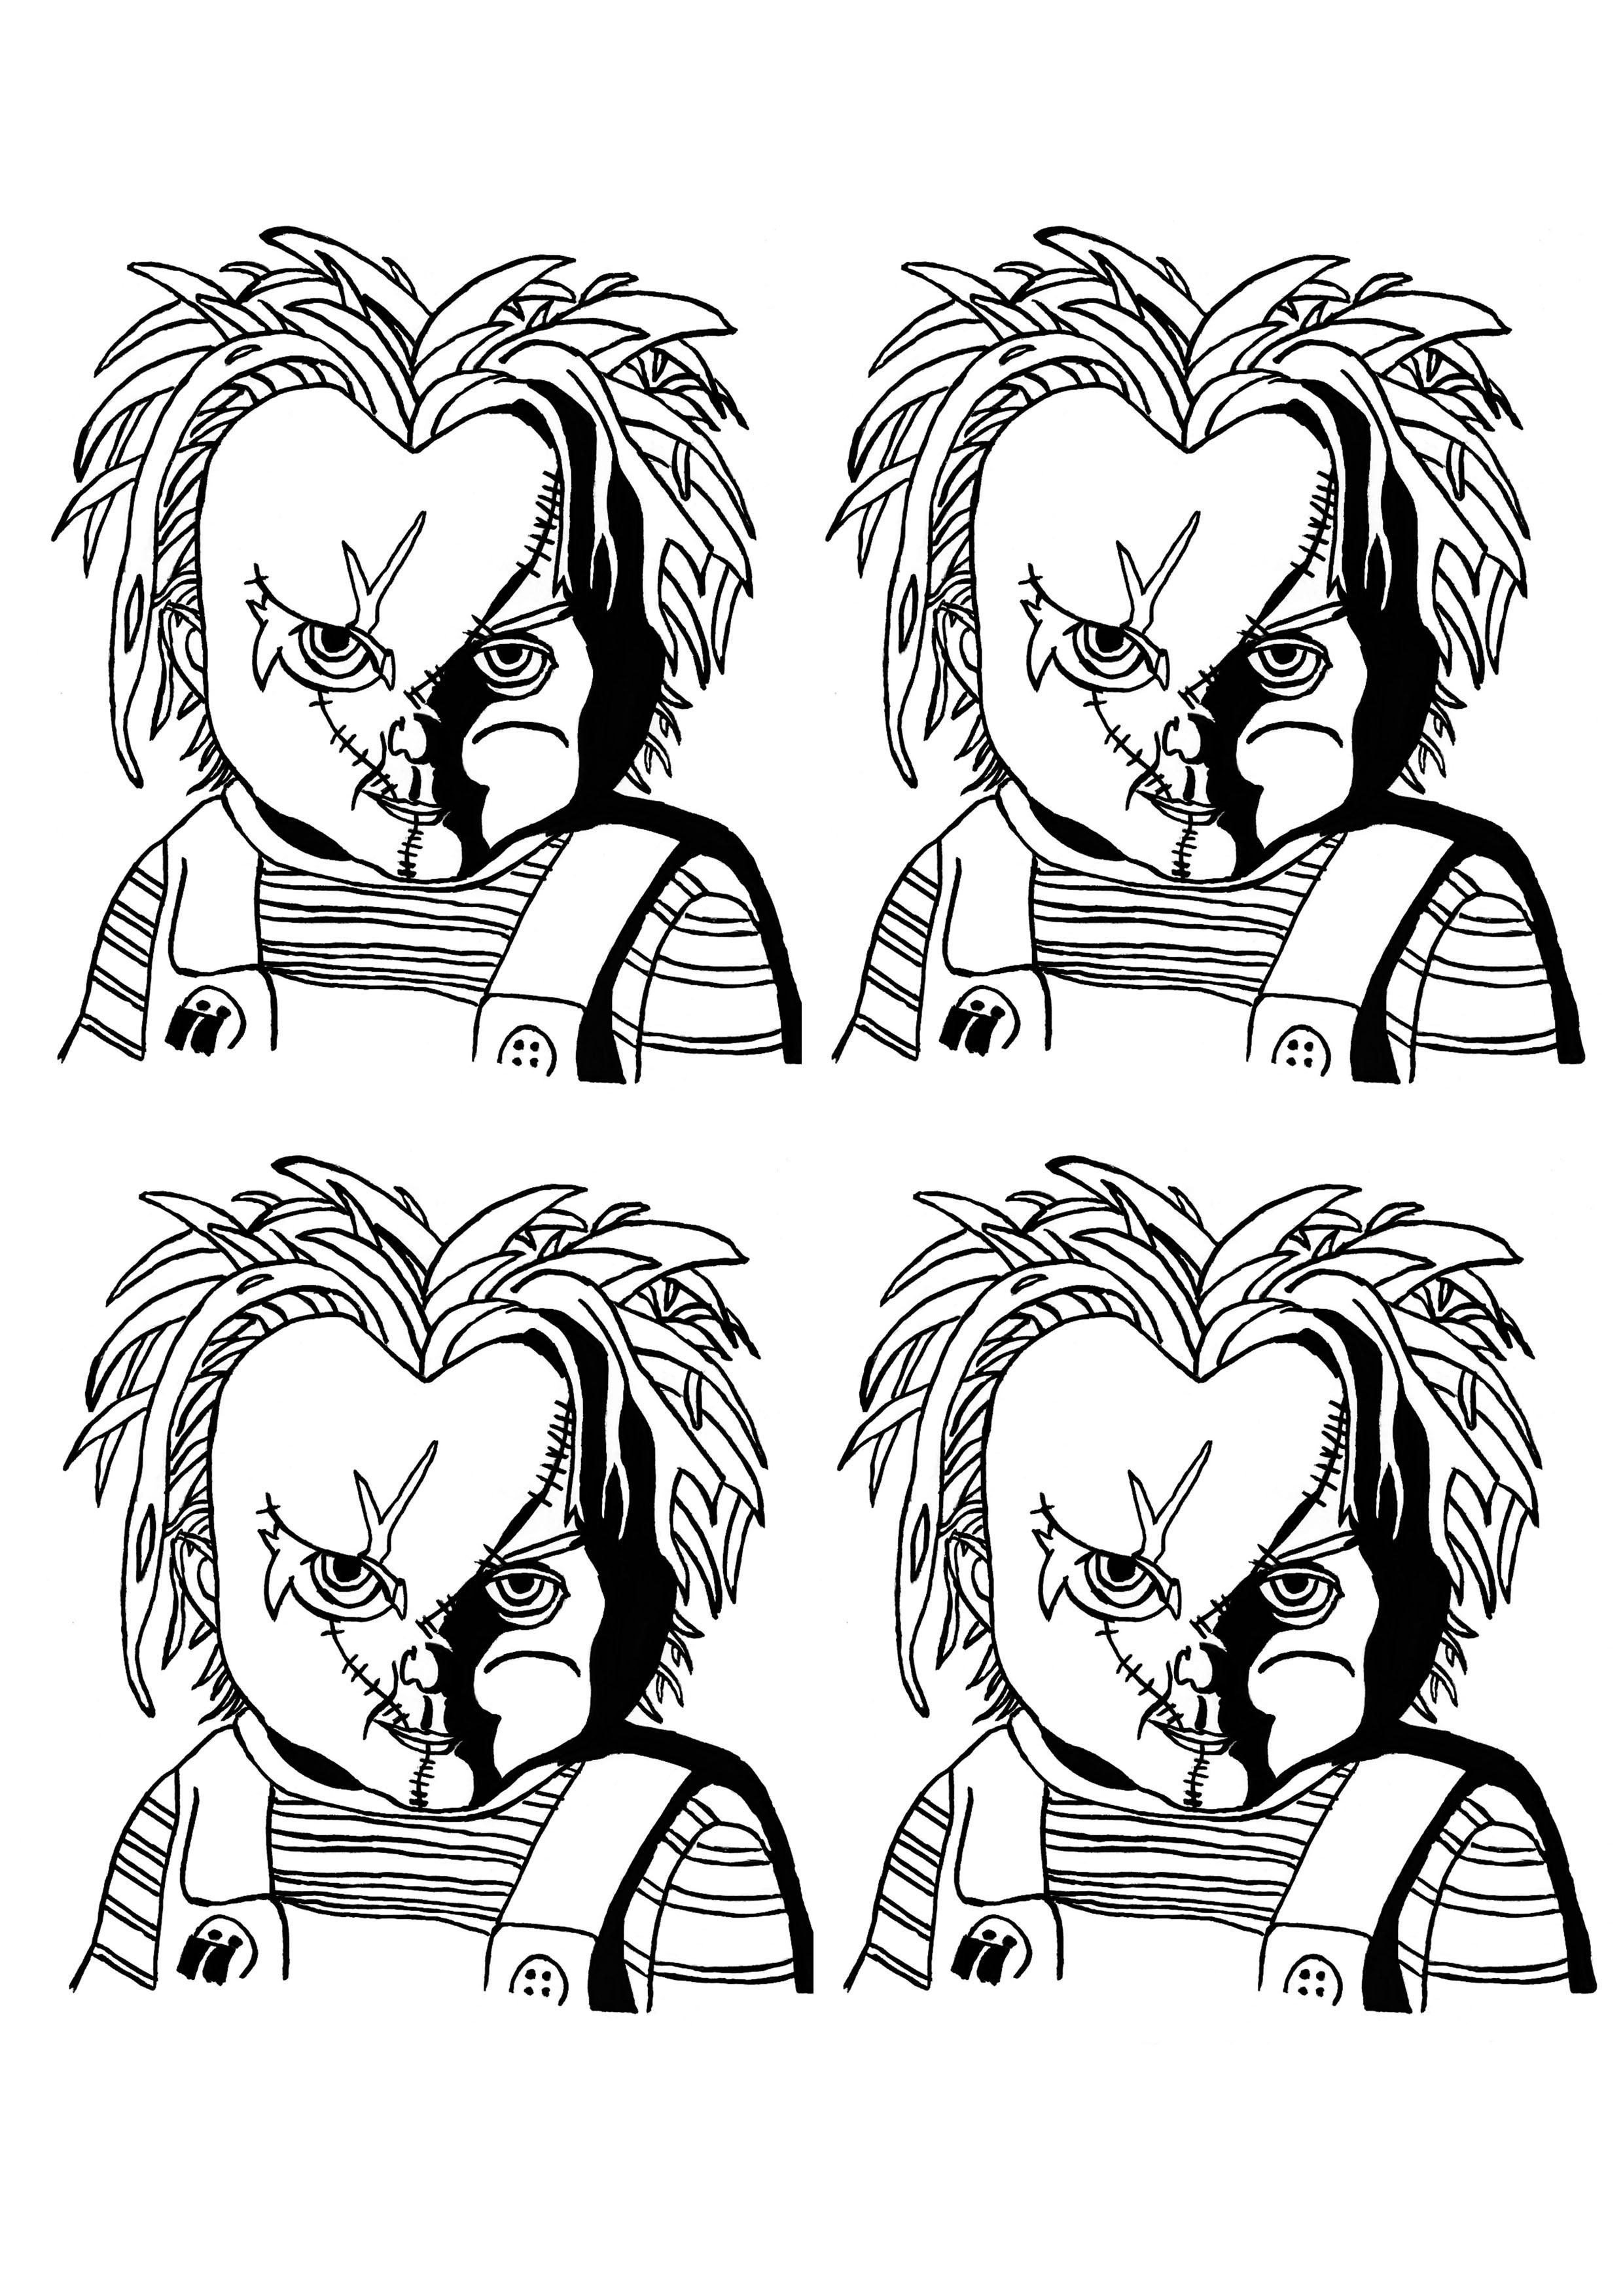 Un portrait à la Andy Warhol représentant la célèbre poupée Chucky